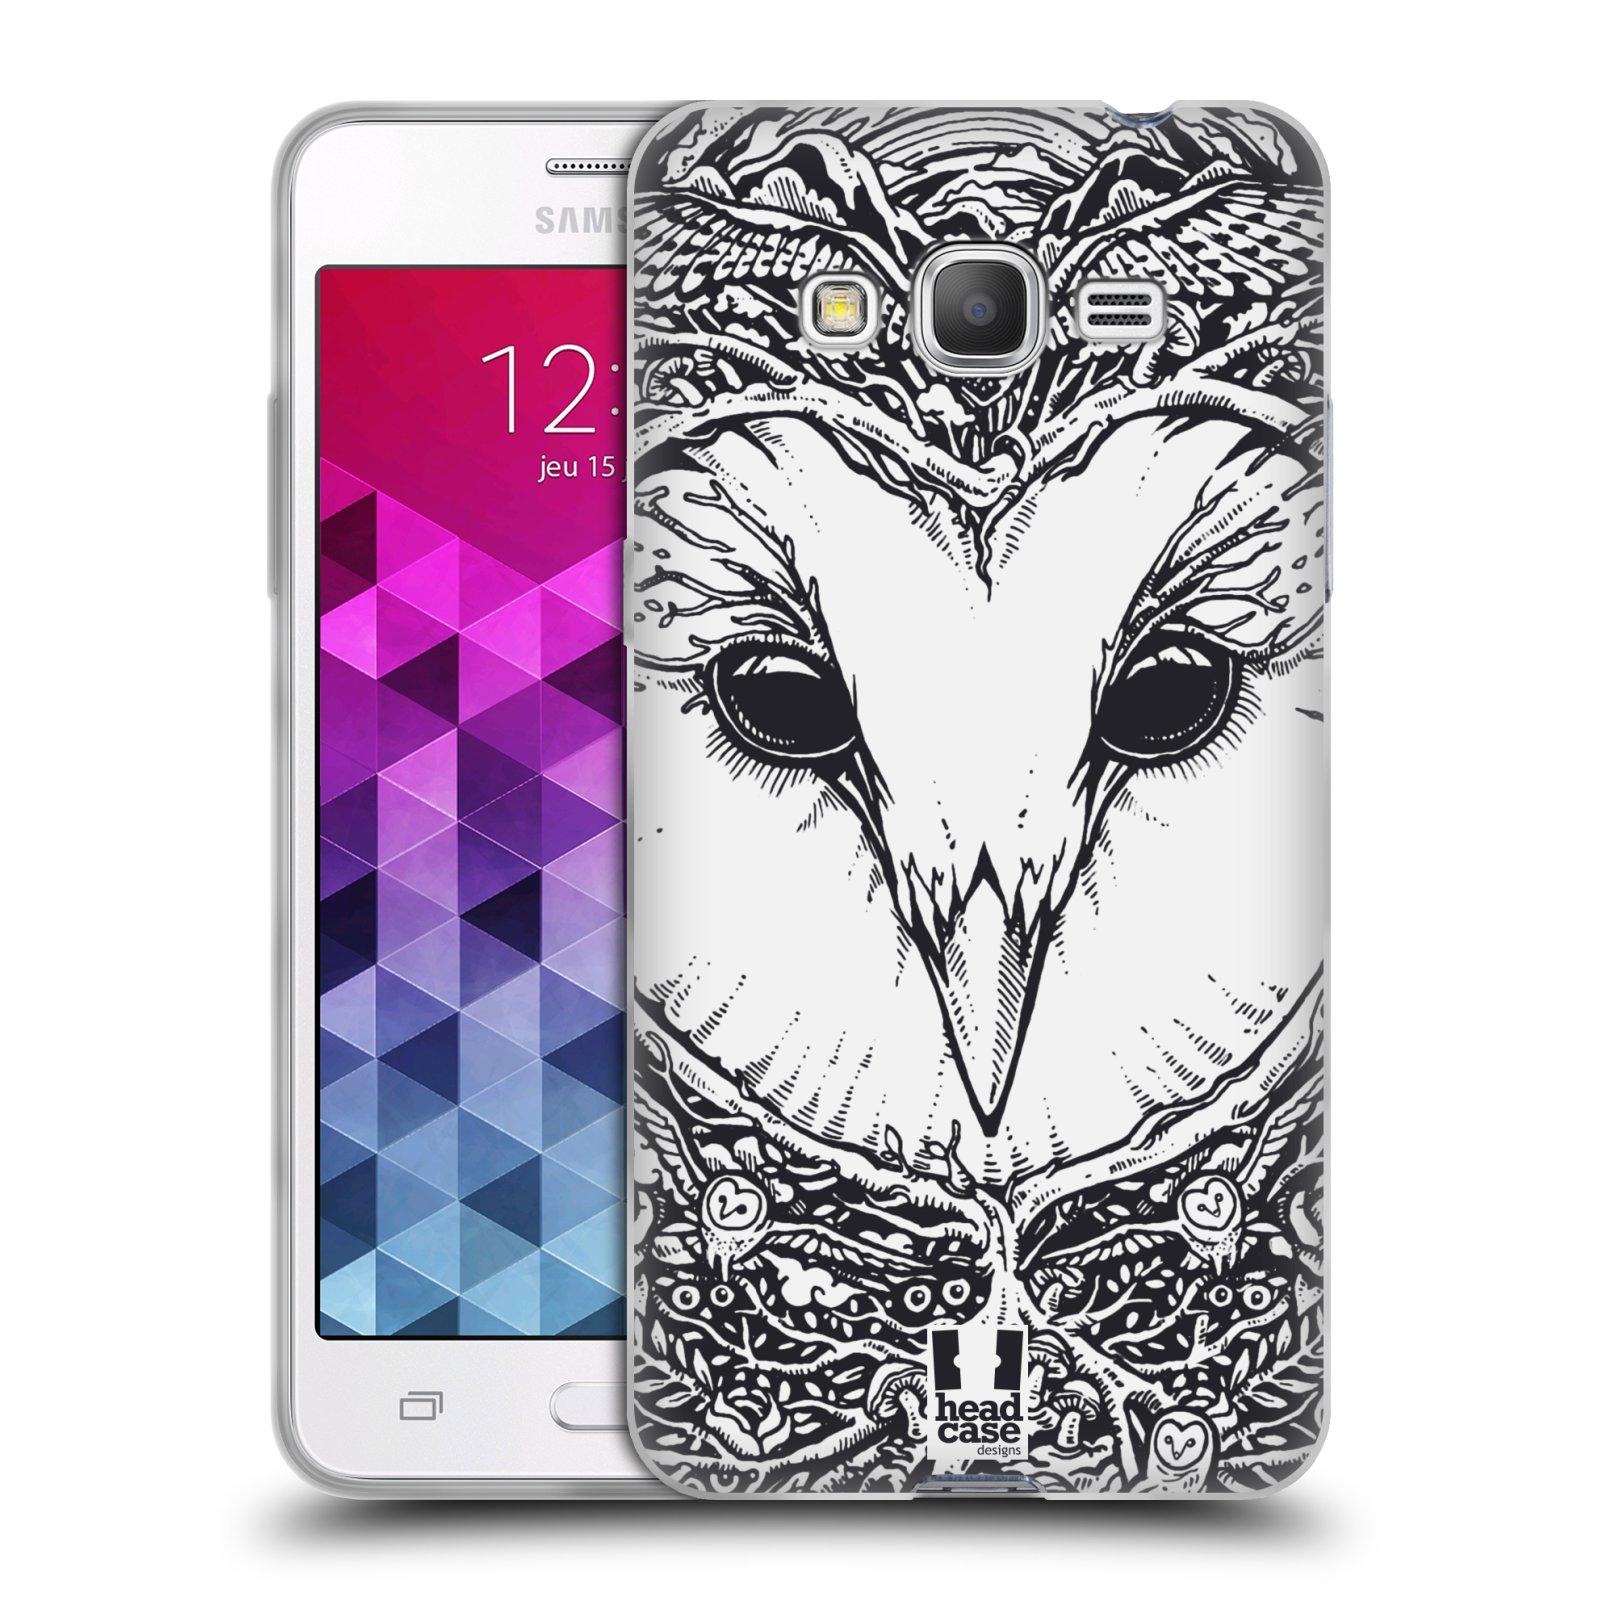 Silikonové pouzdro na mobil Samsung Galaxy Grand Prime HEAD CASE DOODLE TVÁŘ SOVA